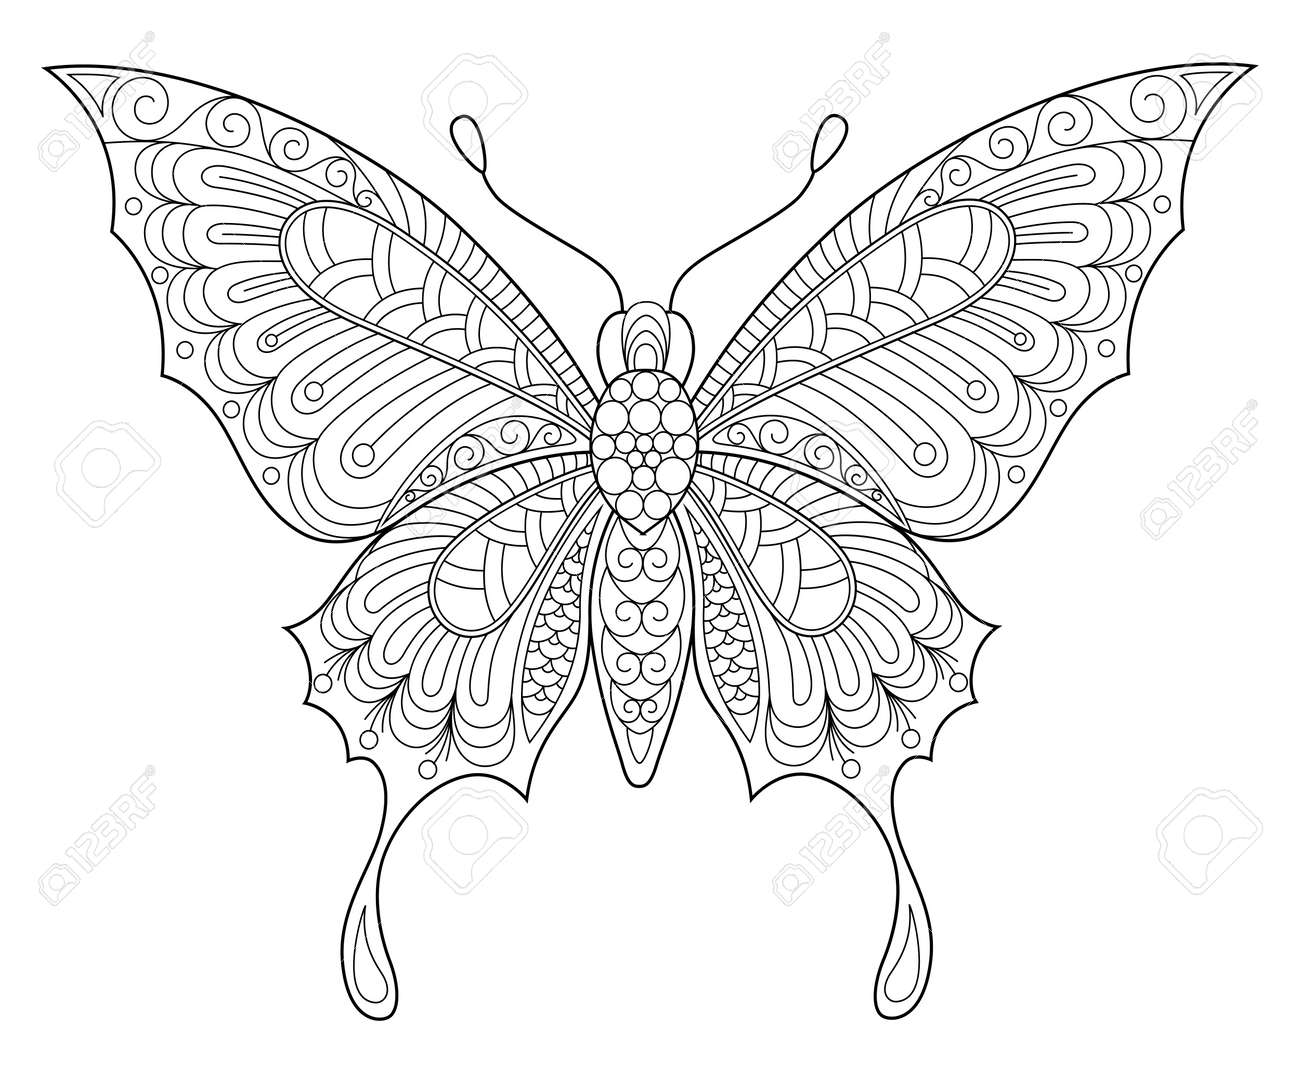 Ausmalbilder Schmetterling : Ein Schmetterling Adult Antistress Ausmalbilder Schwarz Wei Hand